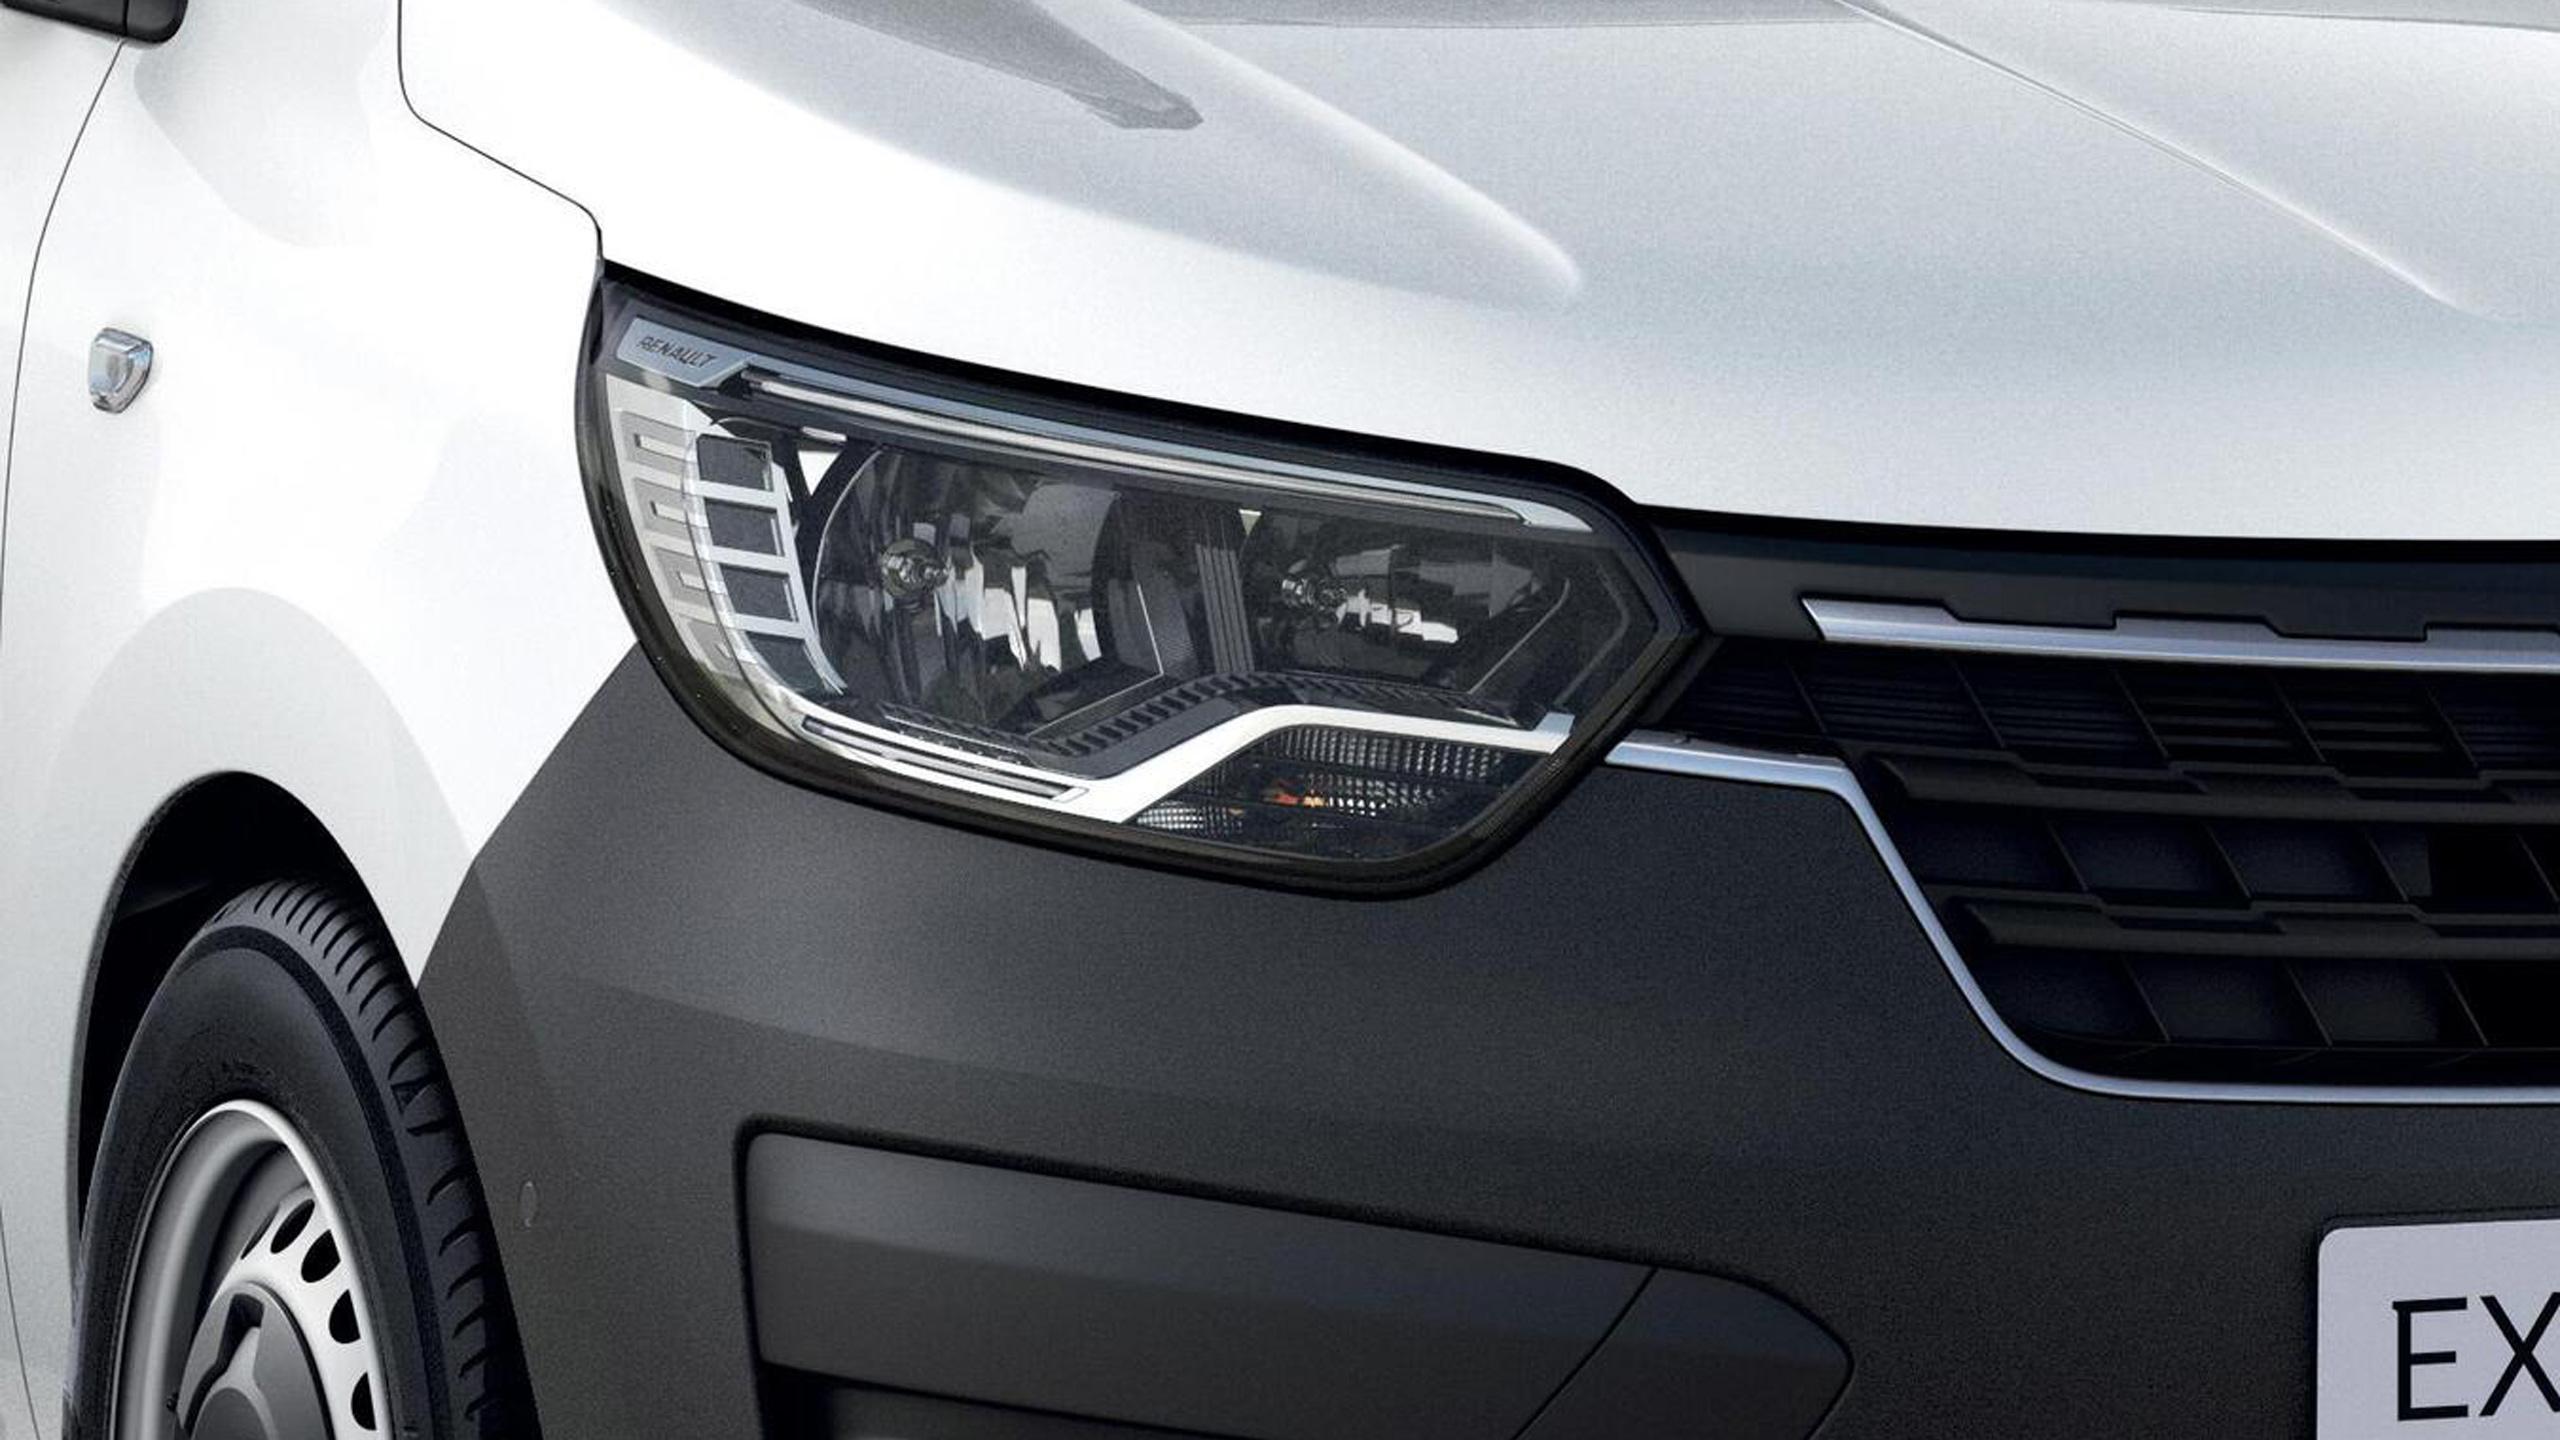 Sistem de pornire automata a luminilor de drum